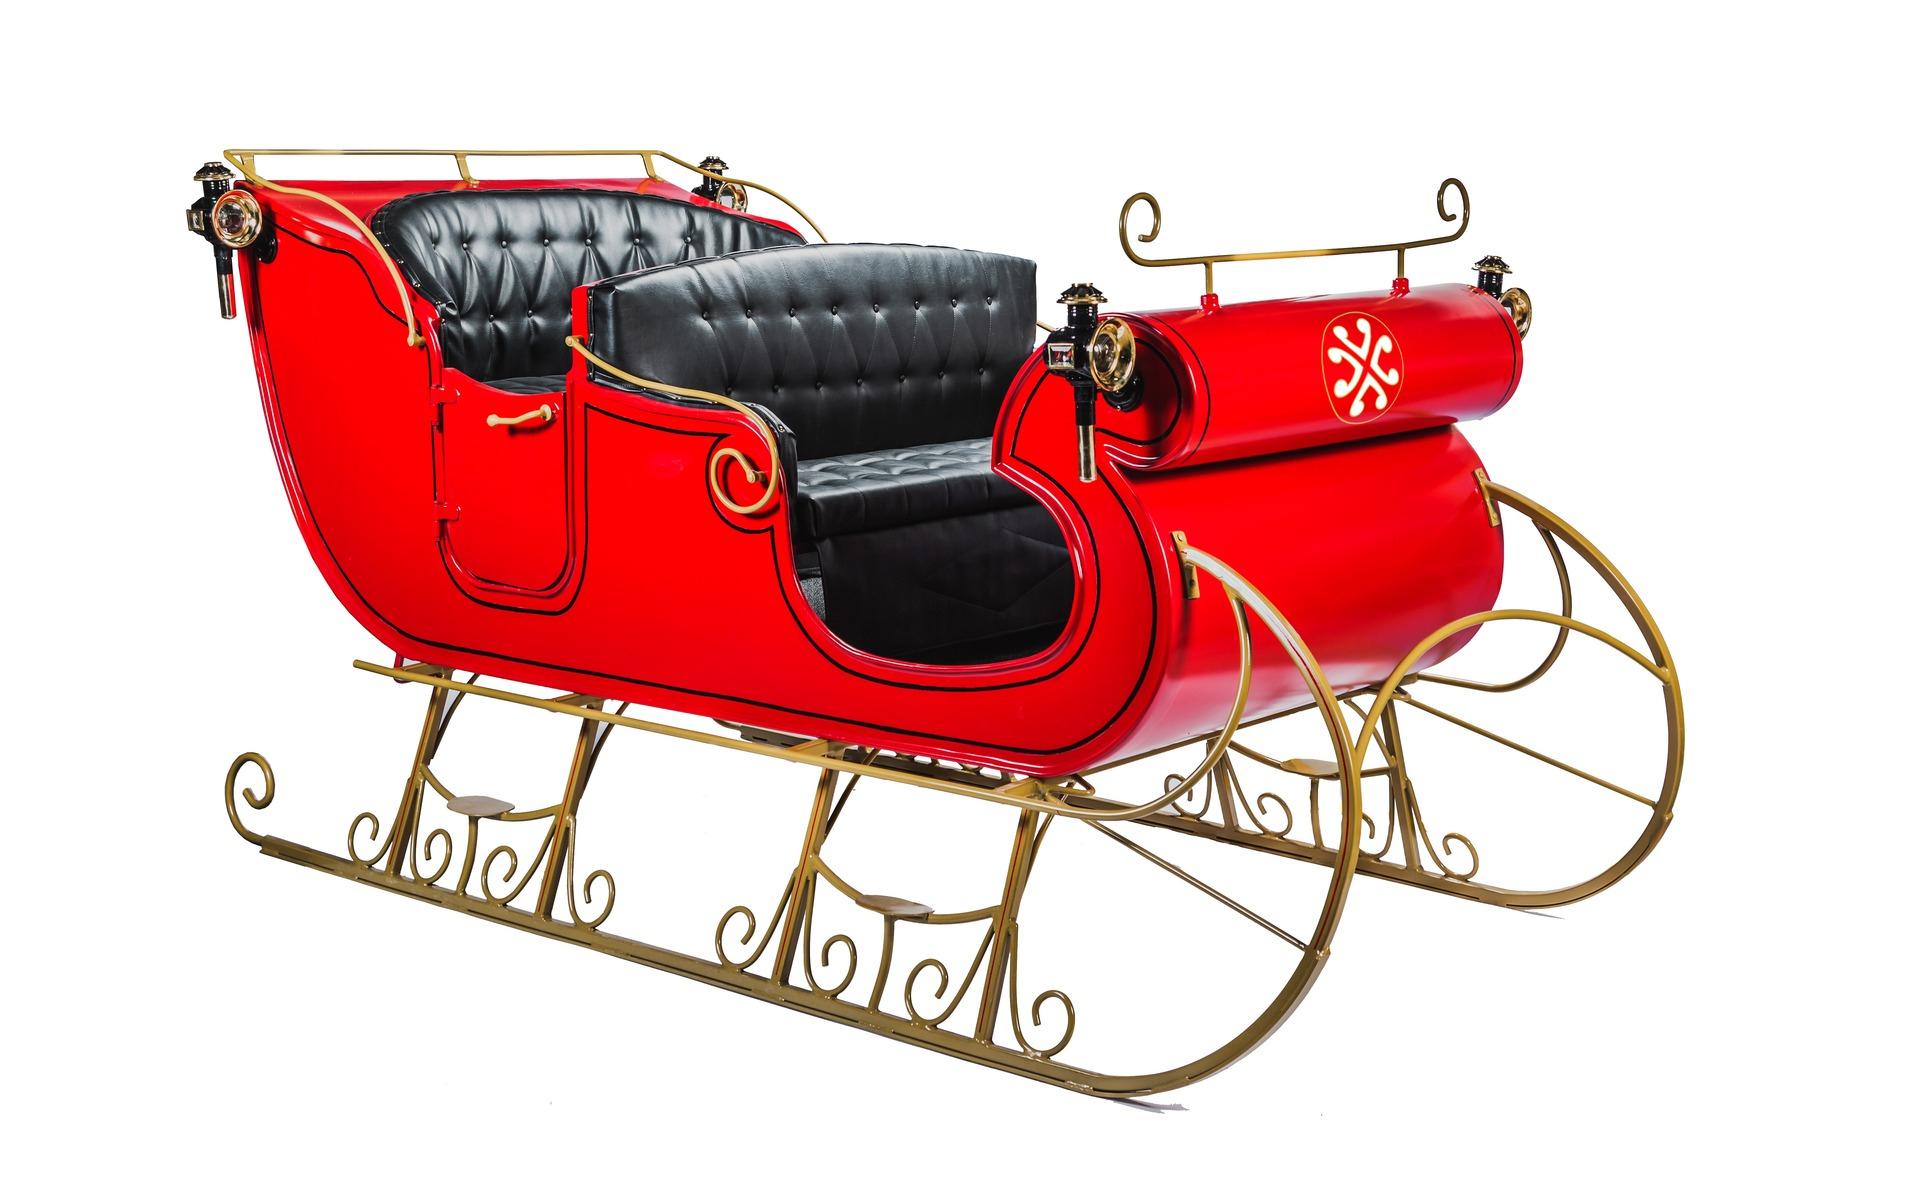 Essai Exclusif: Le Traîneau Du Père Noël - Guide Auto avec Image De Traineau Du Pere Noel